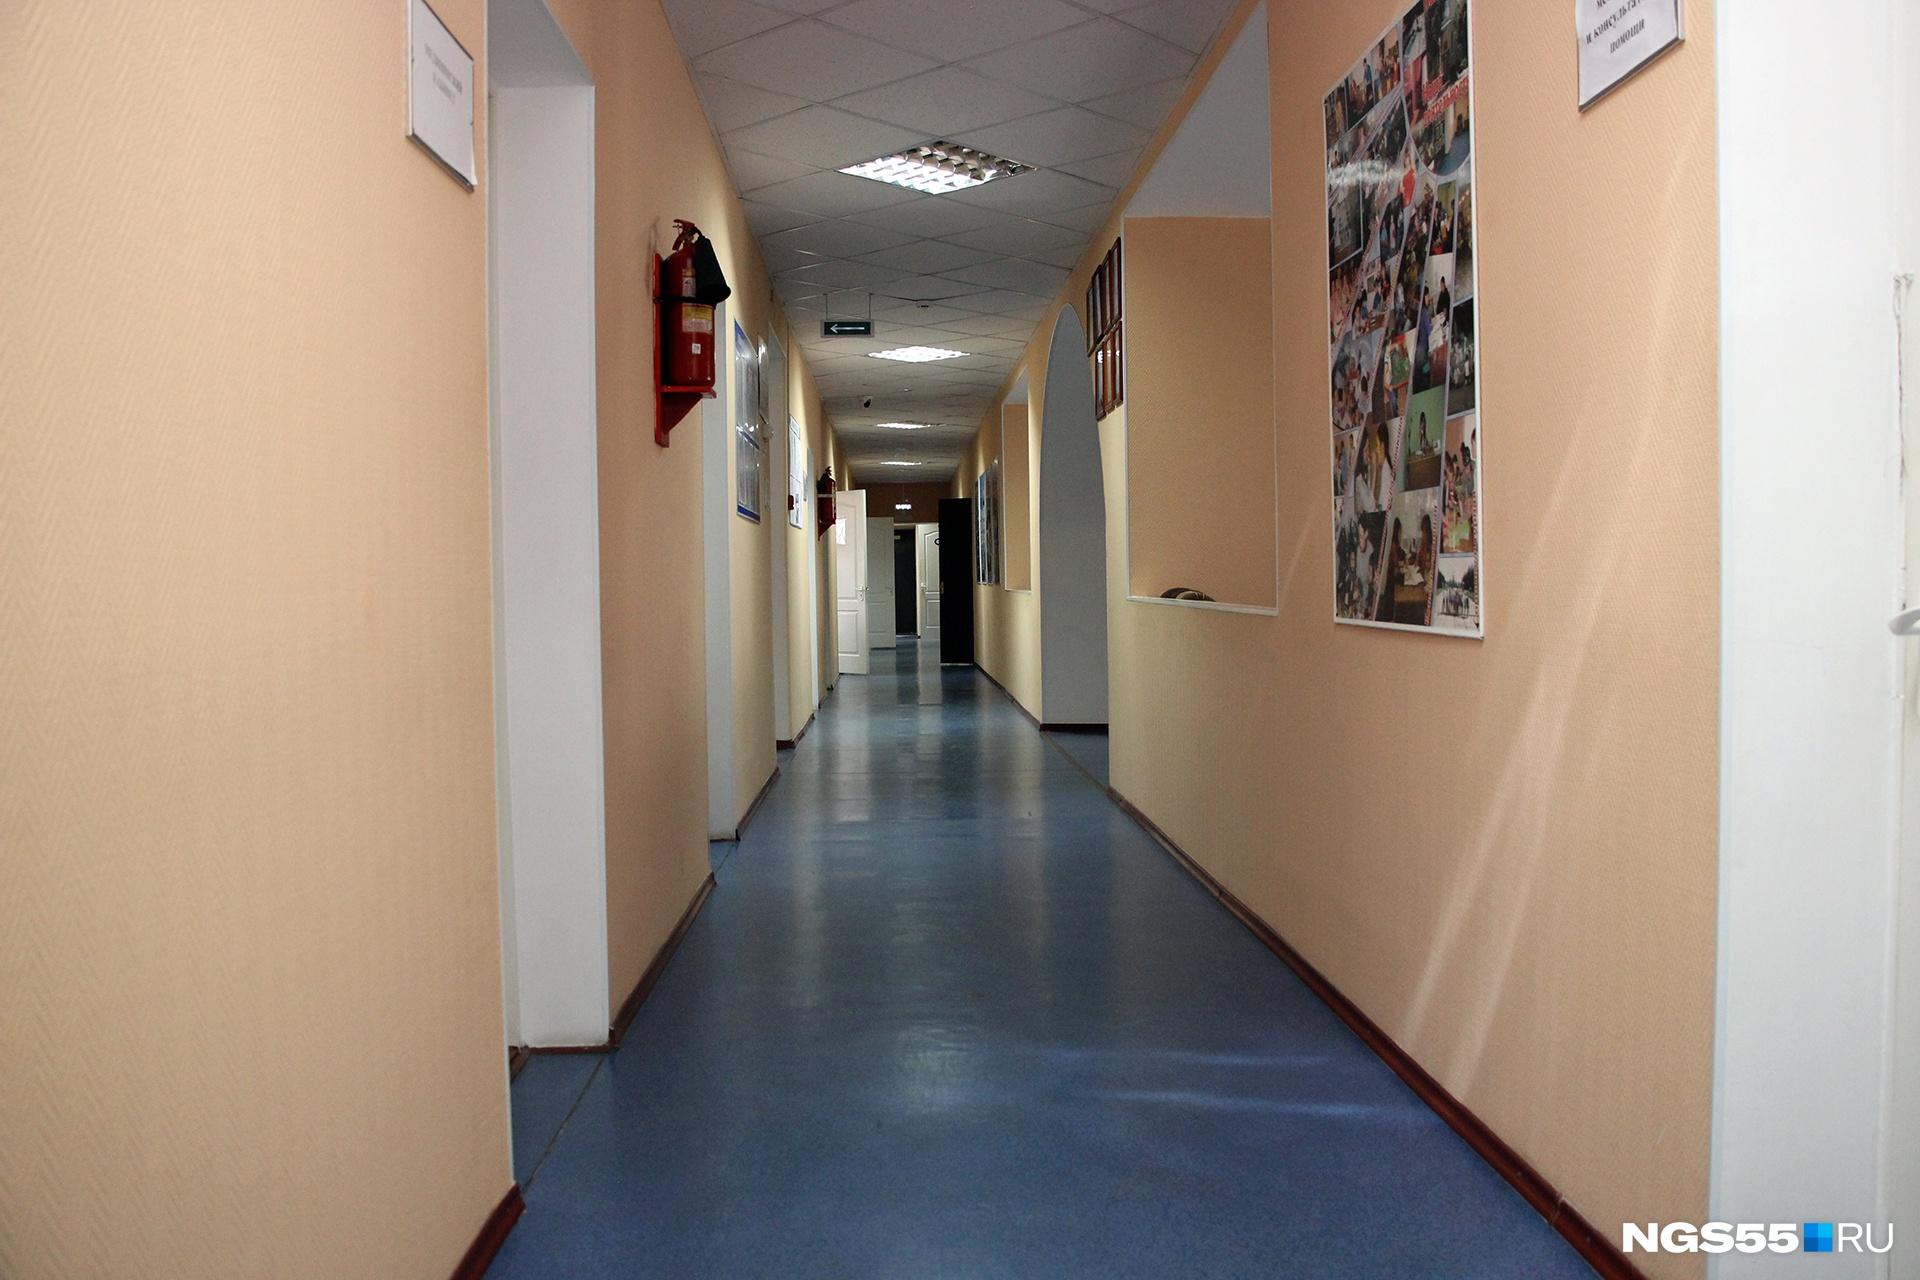 Пустой коридор рождает фантастический, невозможный сюжет: однажды у людей вдруг всё стало хорошо, и необходимость в таких центрах отпала. Увы